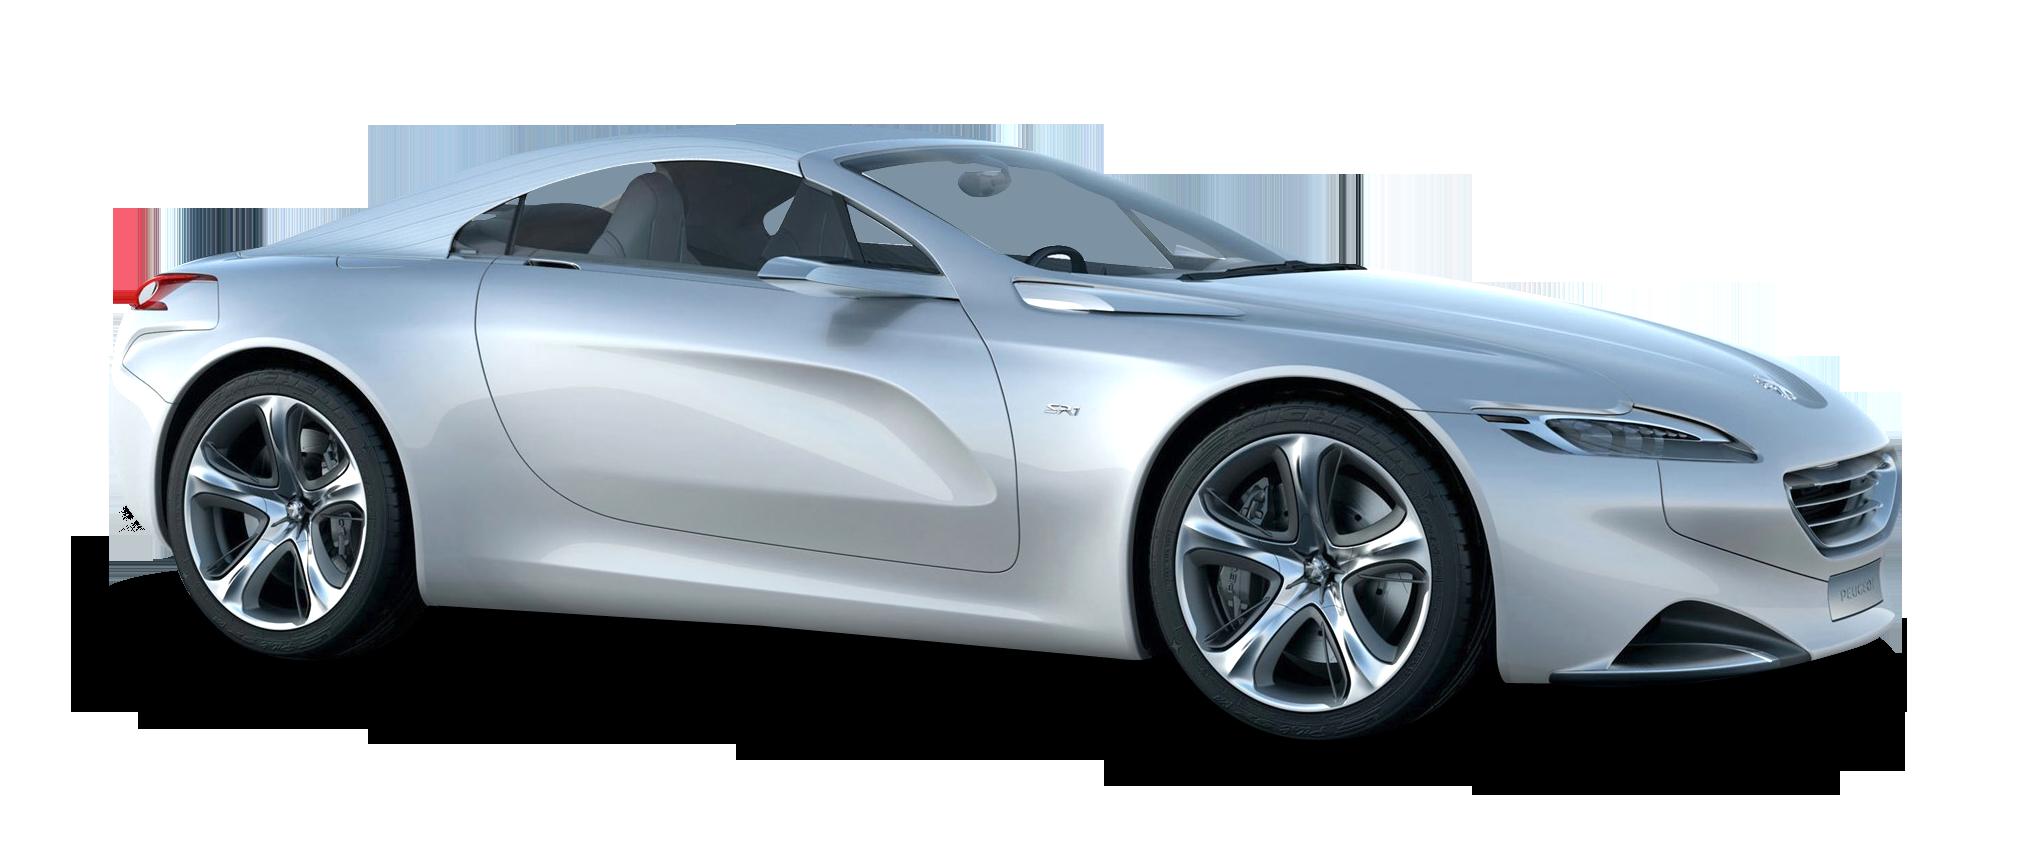 Silver Peugeot SR1 Car PNG Image